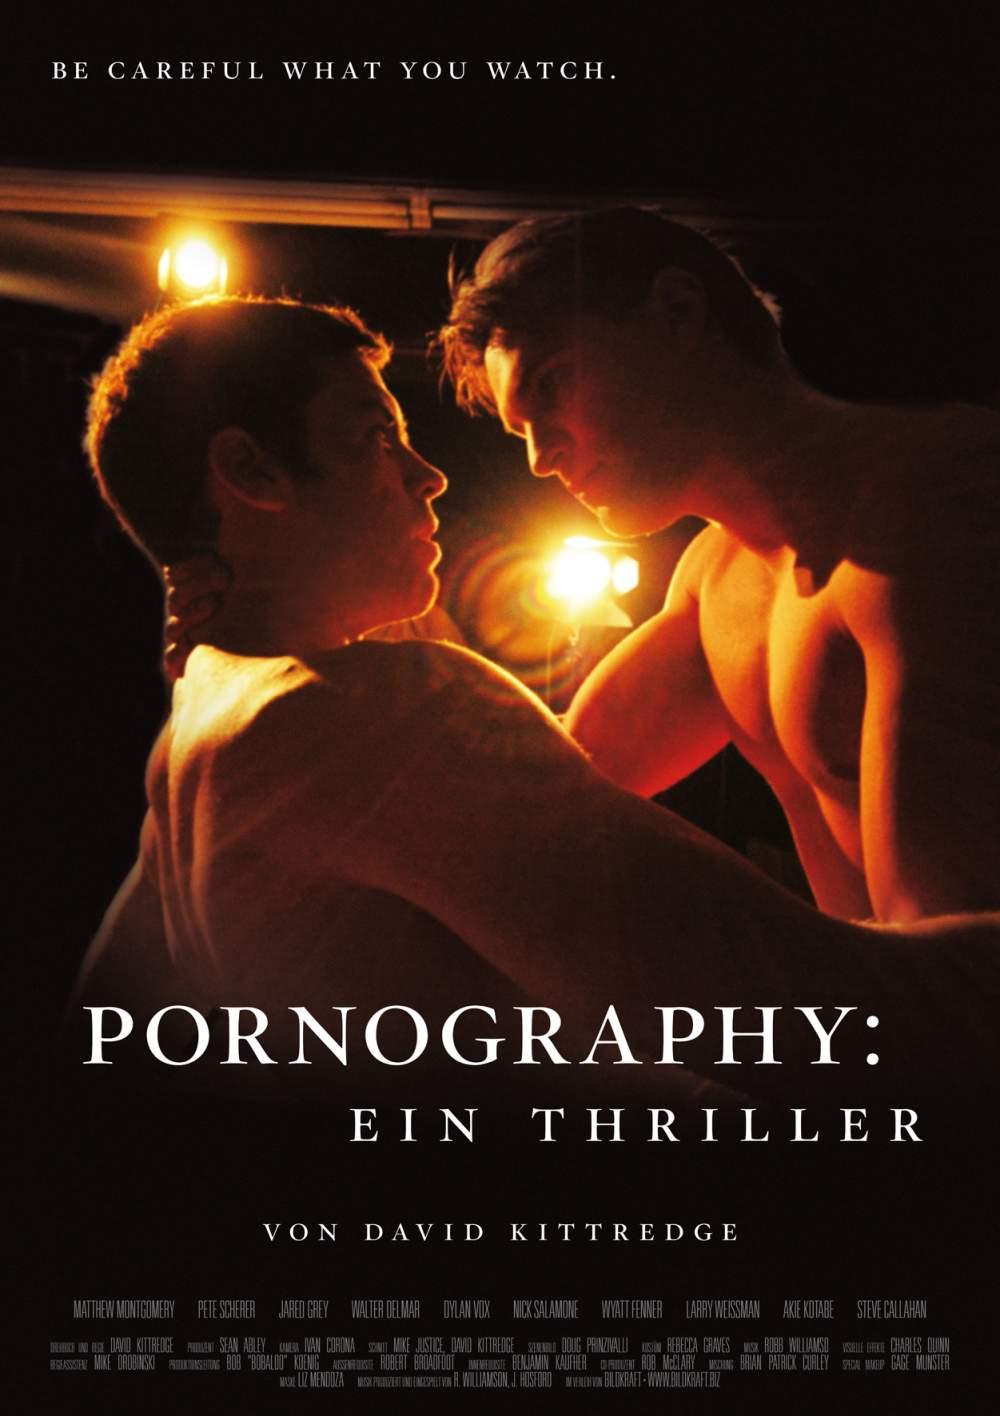 Porngrapy film